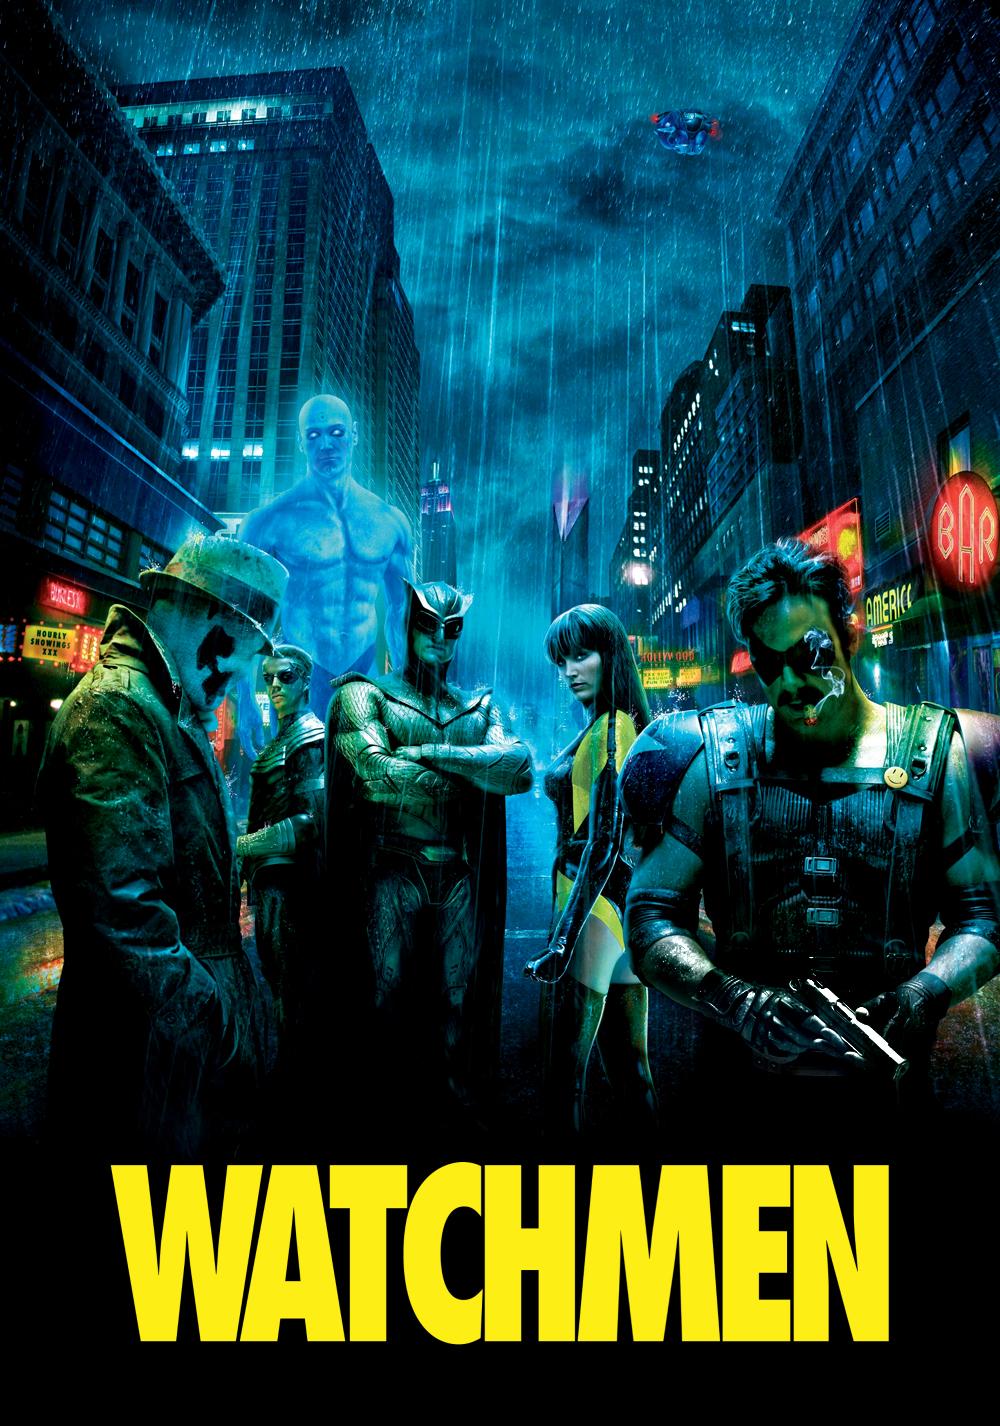 Watchmen movie poster image